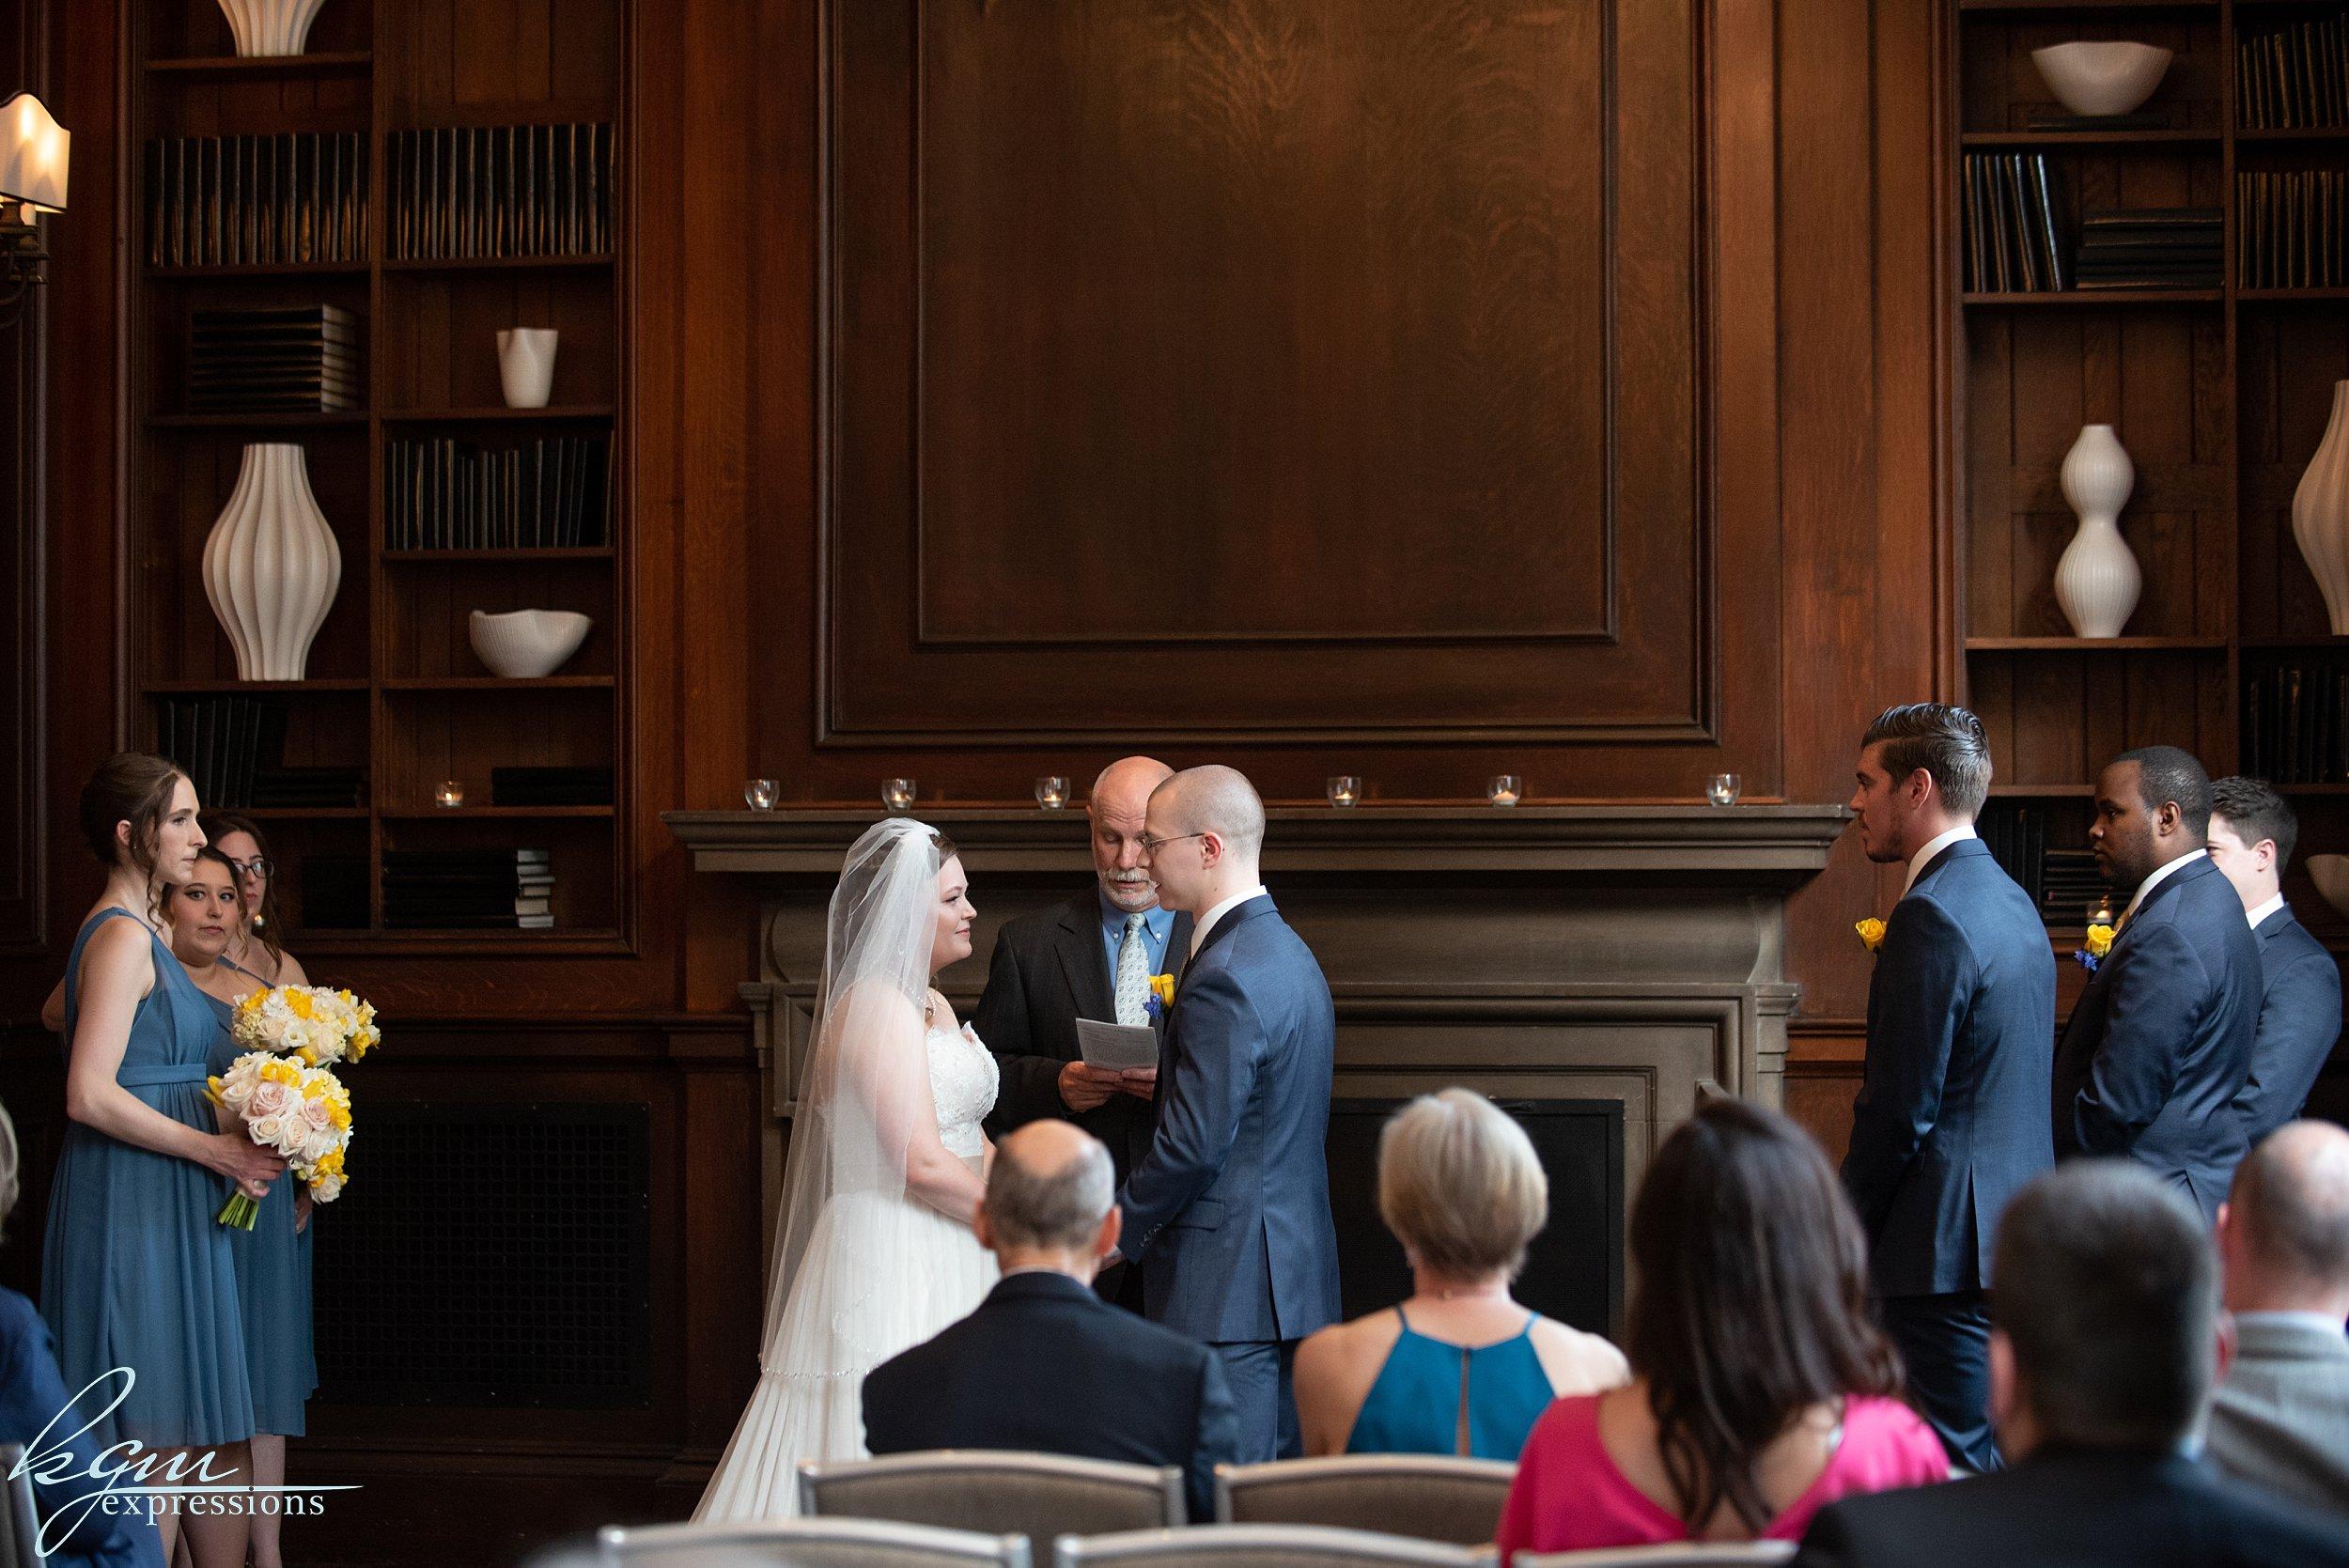 15_tir_na_nog_wedding.jpg